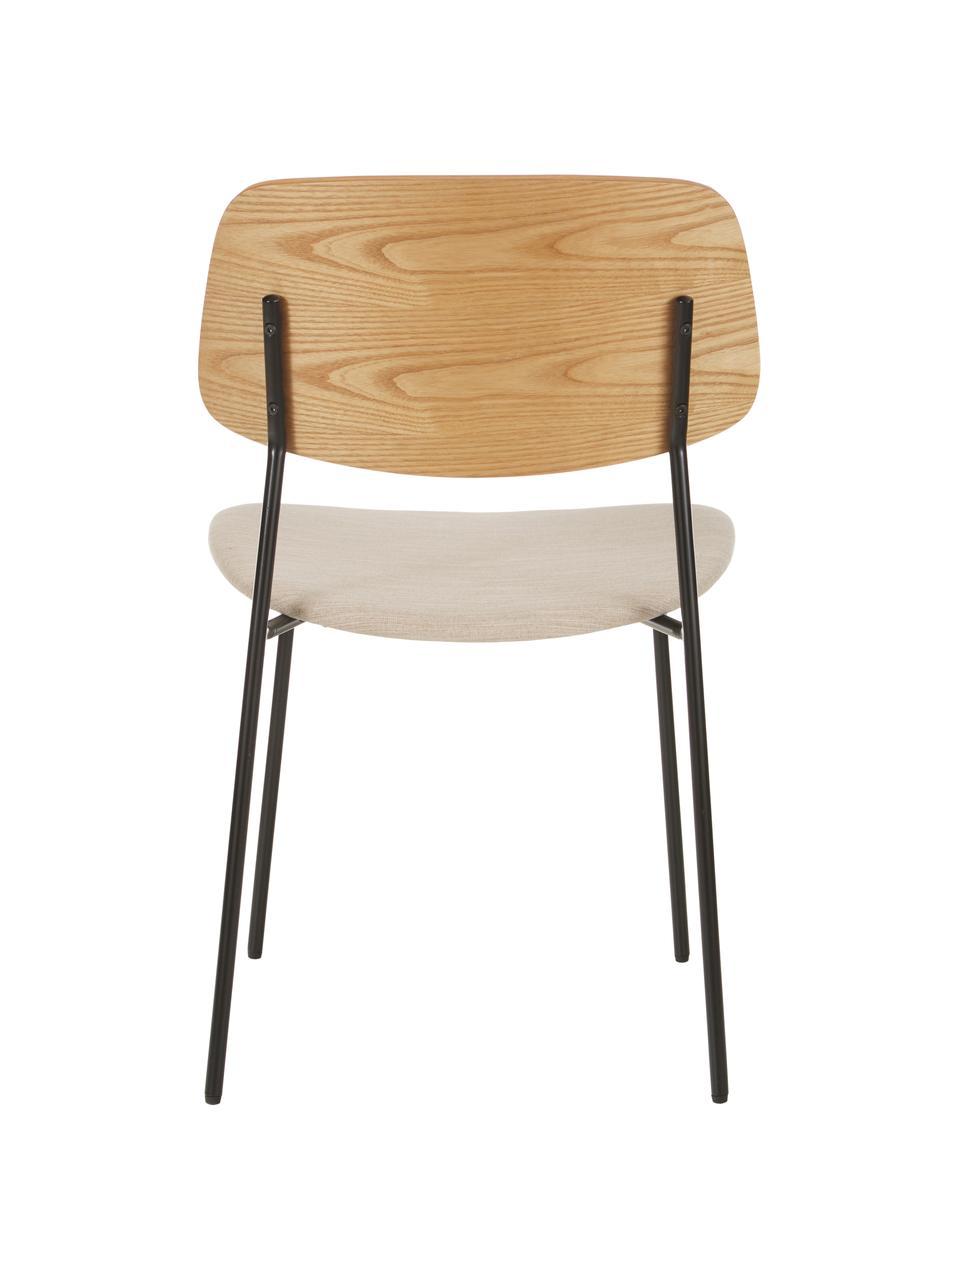 Holzstühle Nadja mit gepolsteter Sitzfläche, 2 Stück, Bezug: Polyester Der strapazierf, Rückenlehne: Sperrholz mit Eschenholzf, Beine: Metall, pulverbeschichtet, Beige, B 51 x T 52 cm